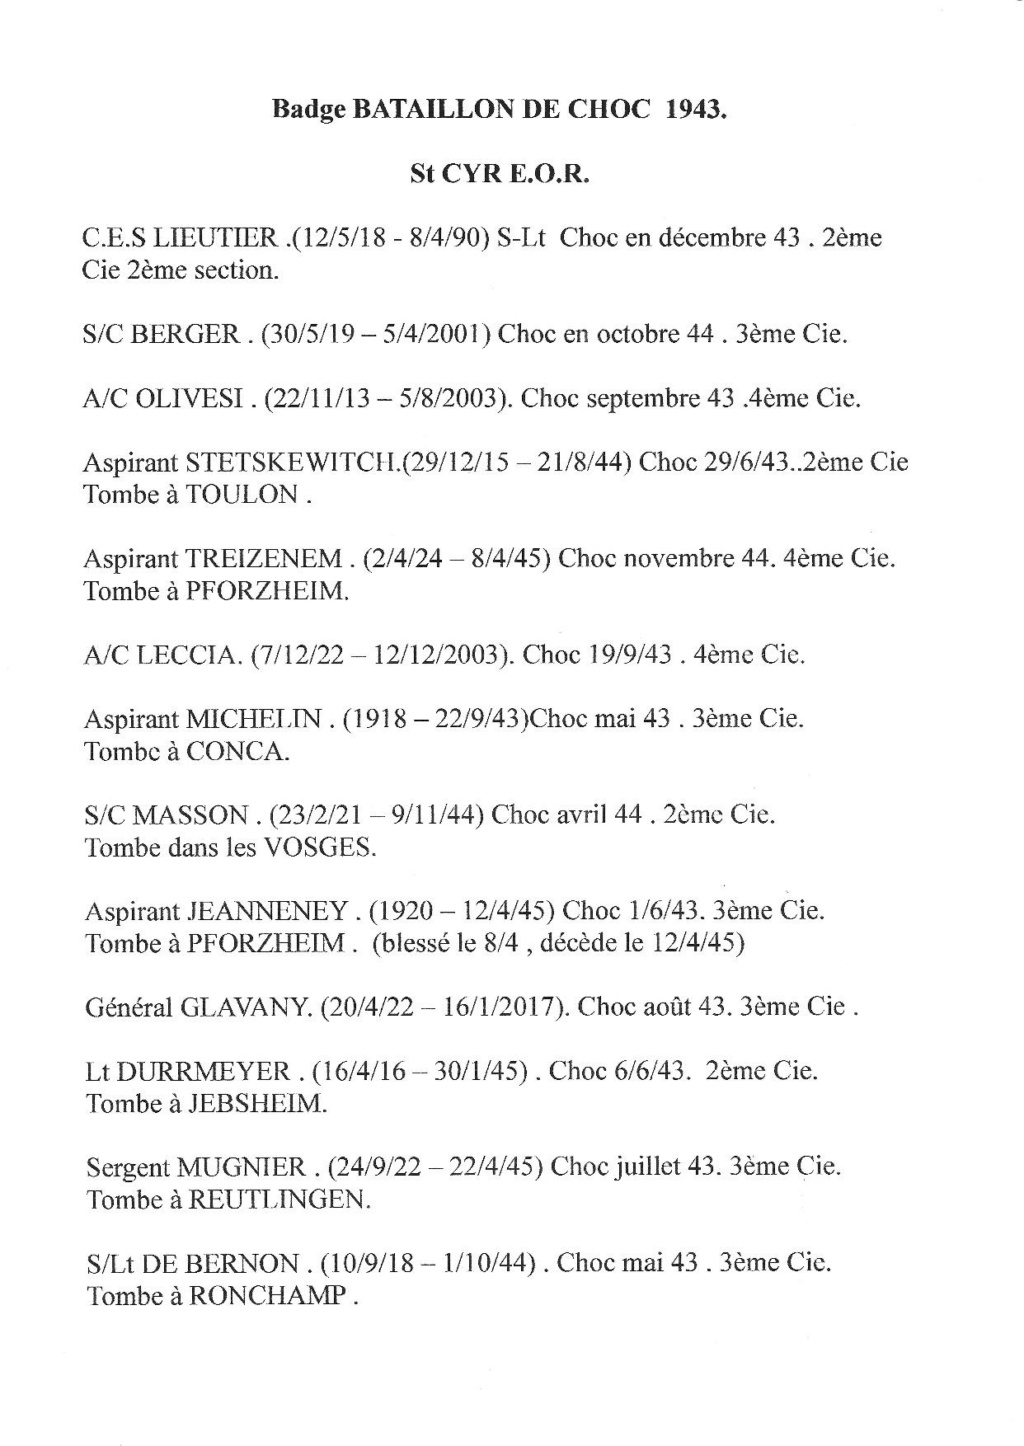 LES INSIGNES DU BATAILLON DE CHOC 1943/1963. - Page 3 Jpg17